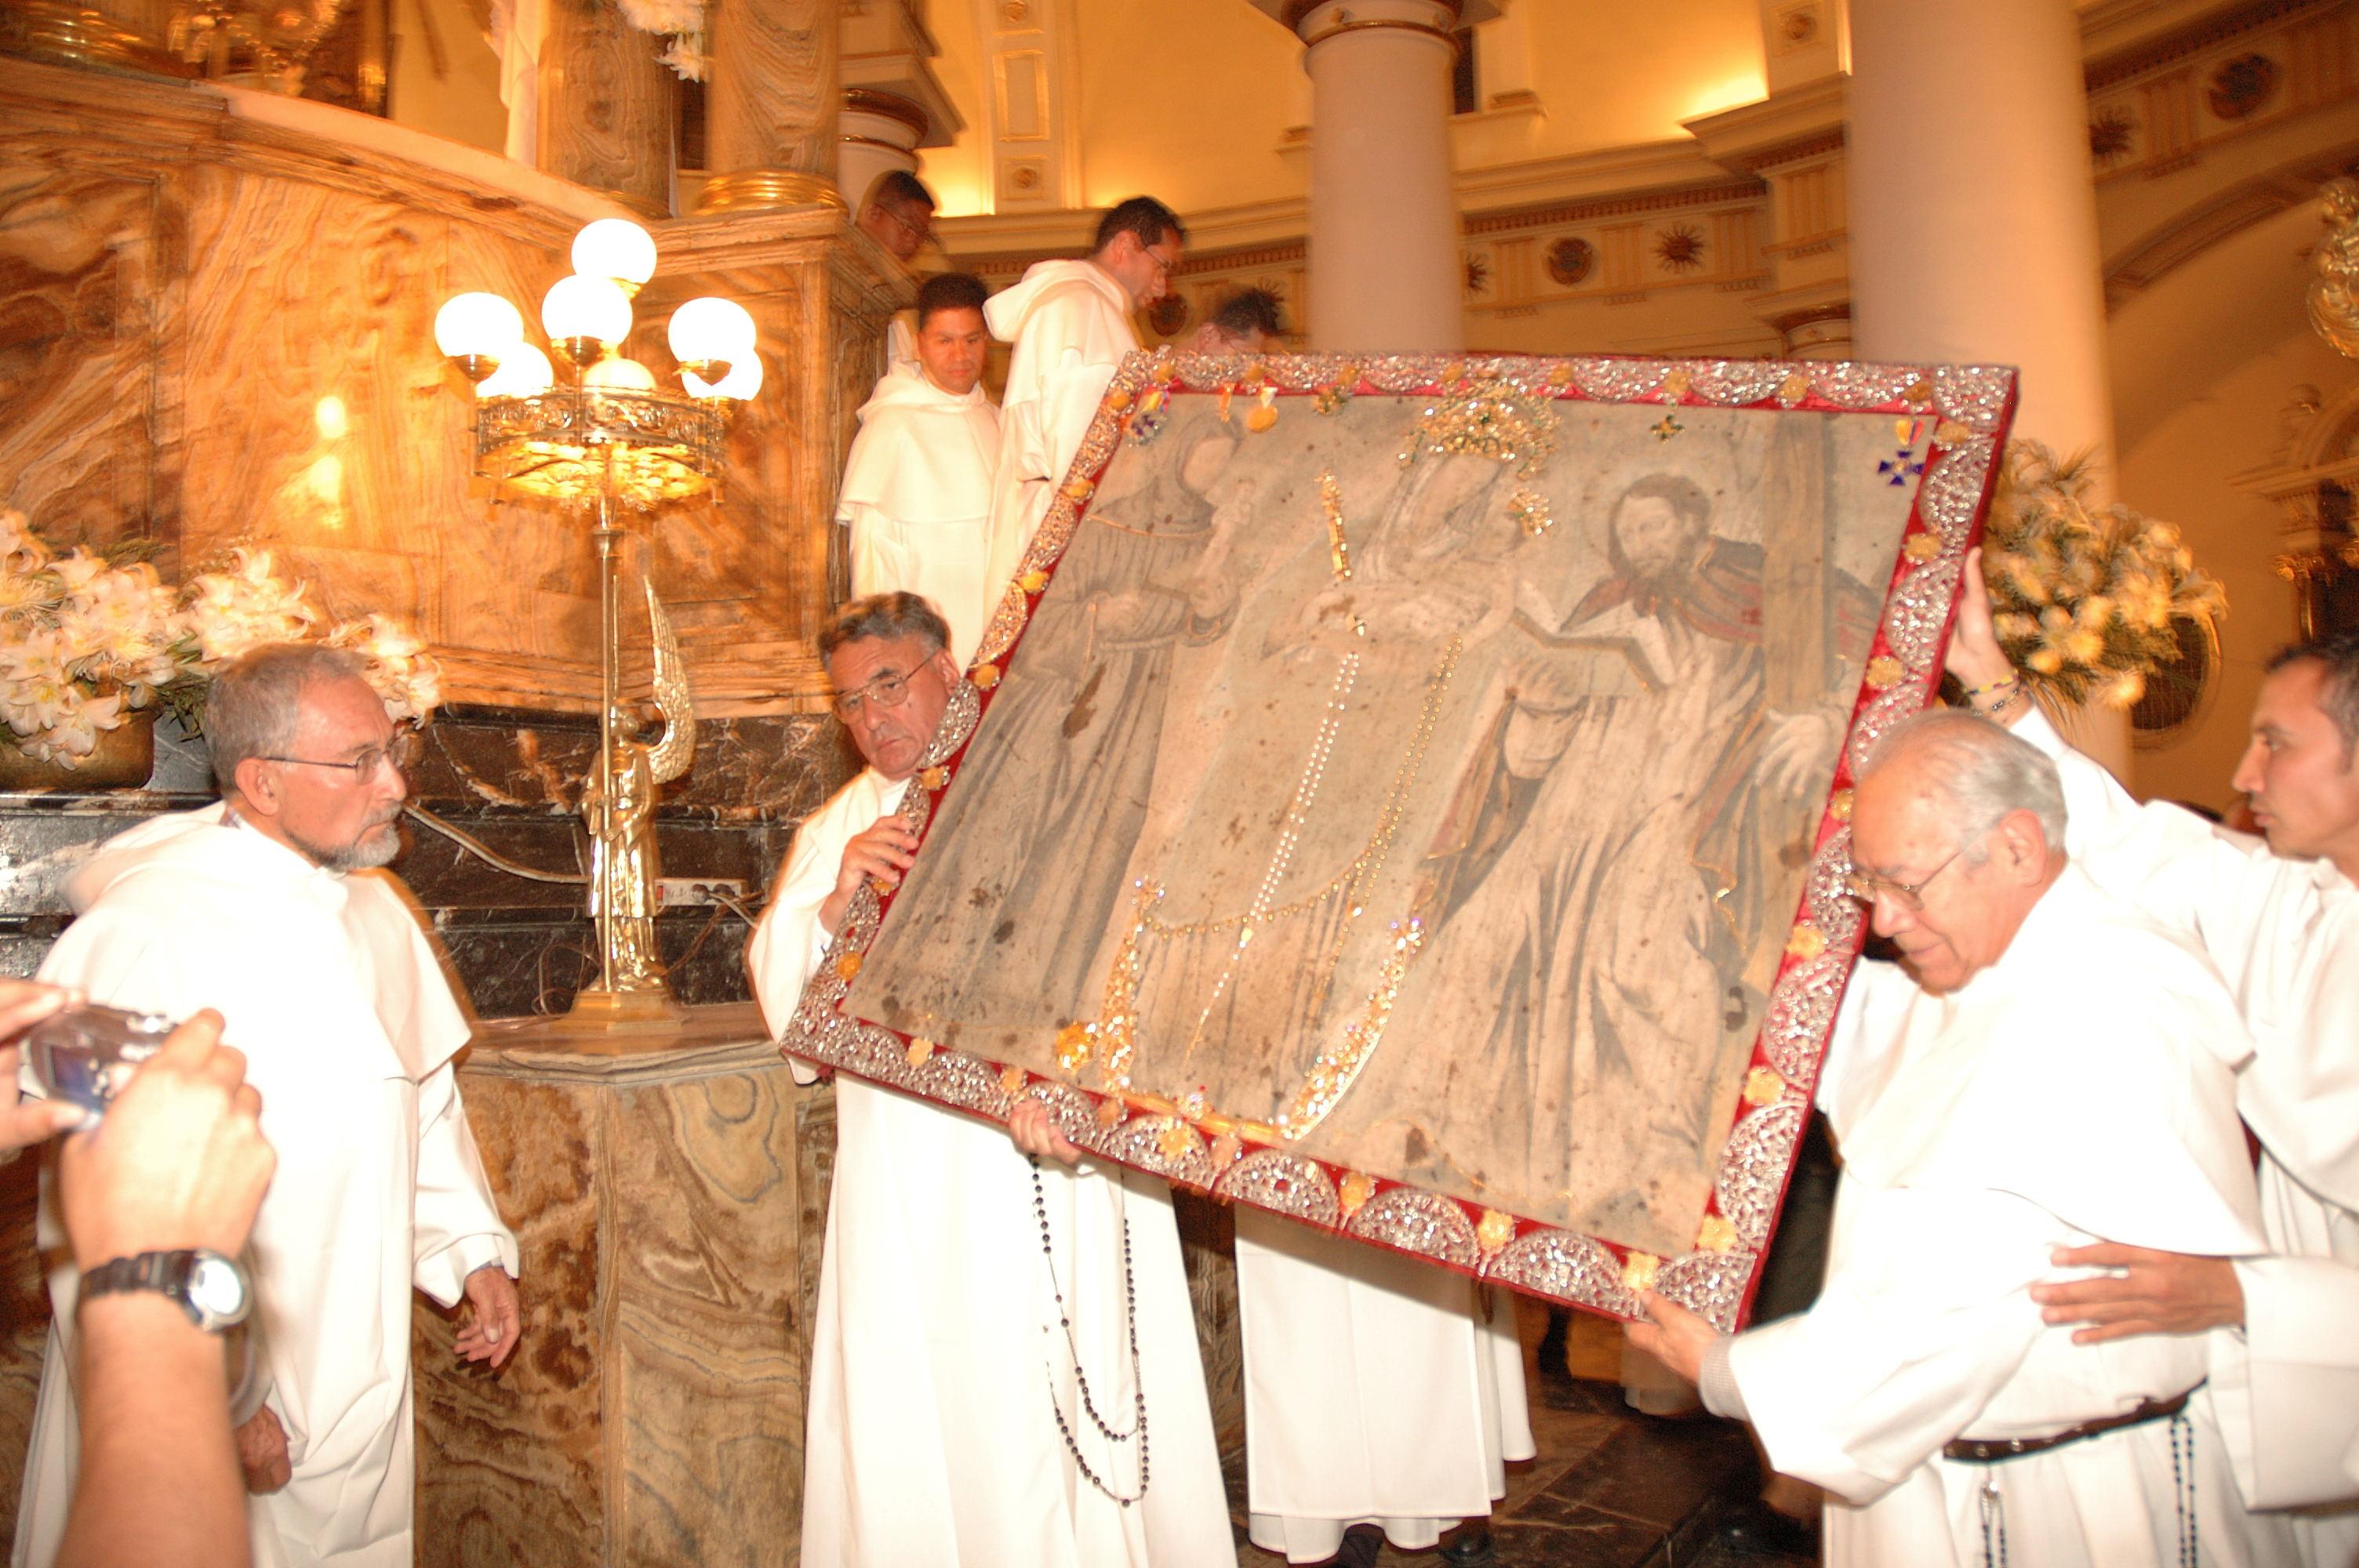 Nuestra Señora de Chiquinquira, Aparición en una Tabla, Venezuela (18 nov)